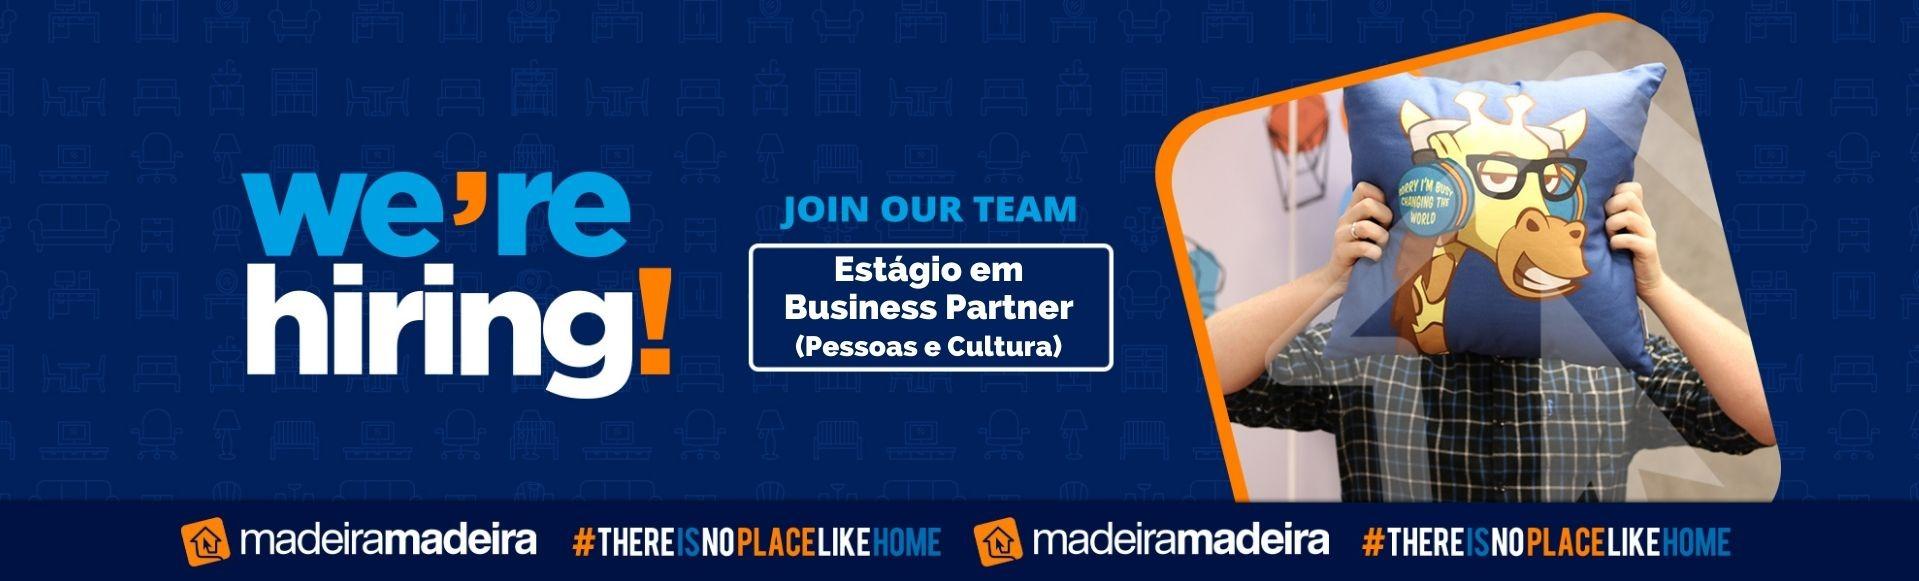 Estágio em Business Partner - Pessoas e Cultura